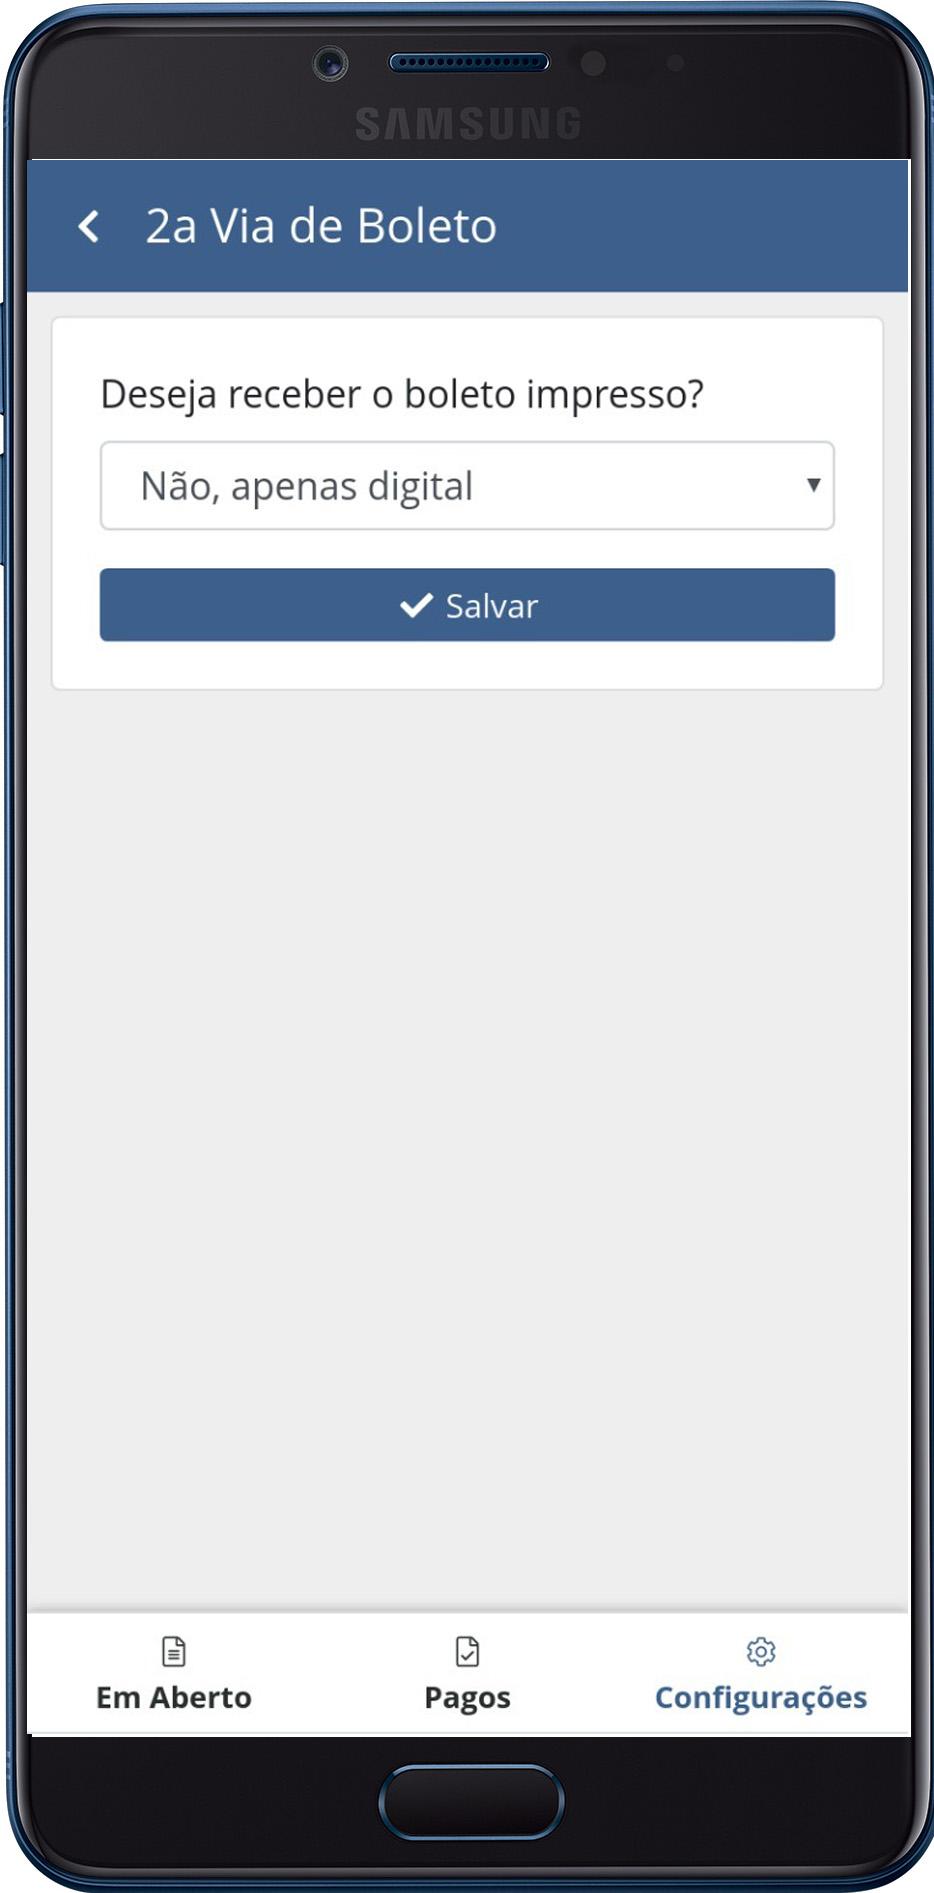 O morador no aplicativo vai poder escolher: